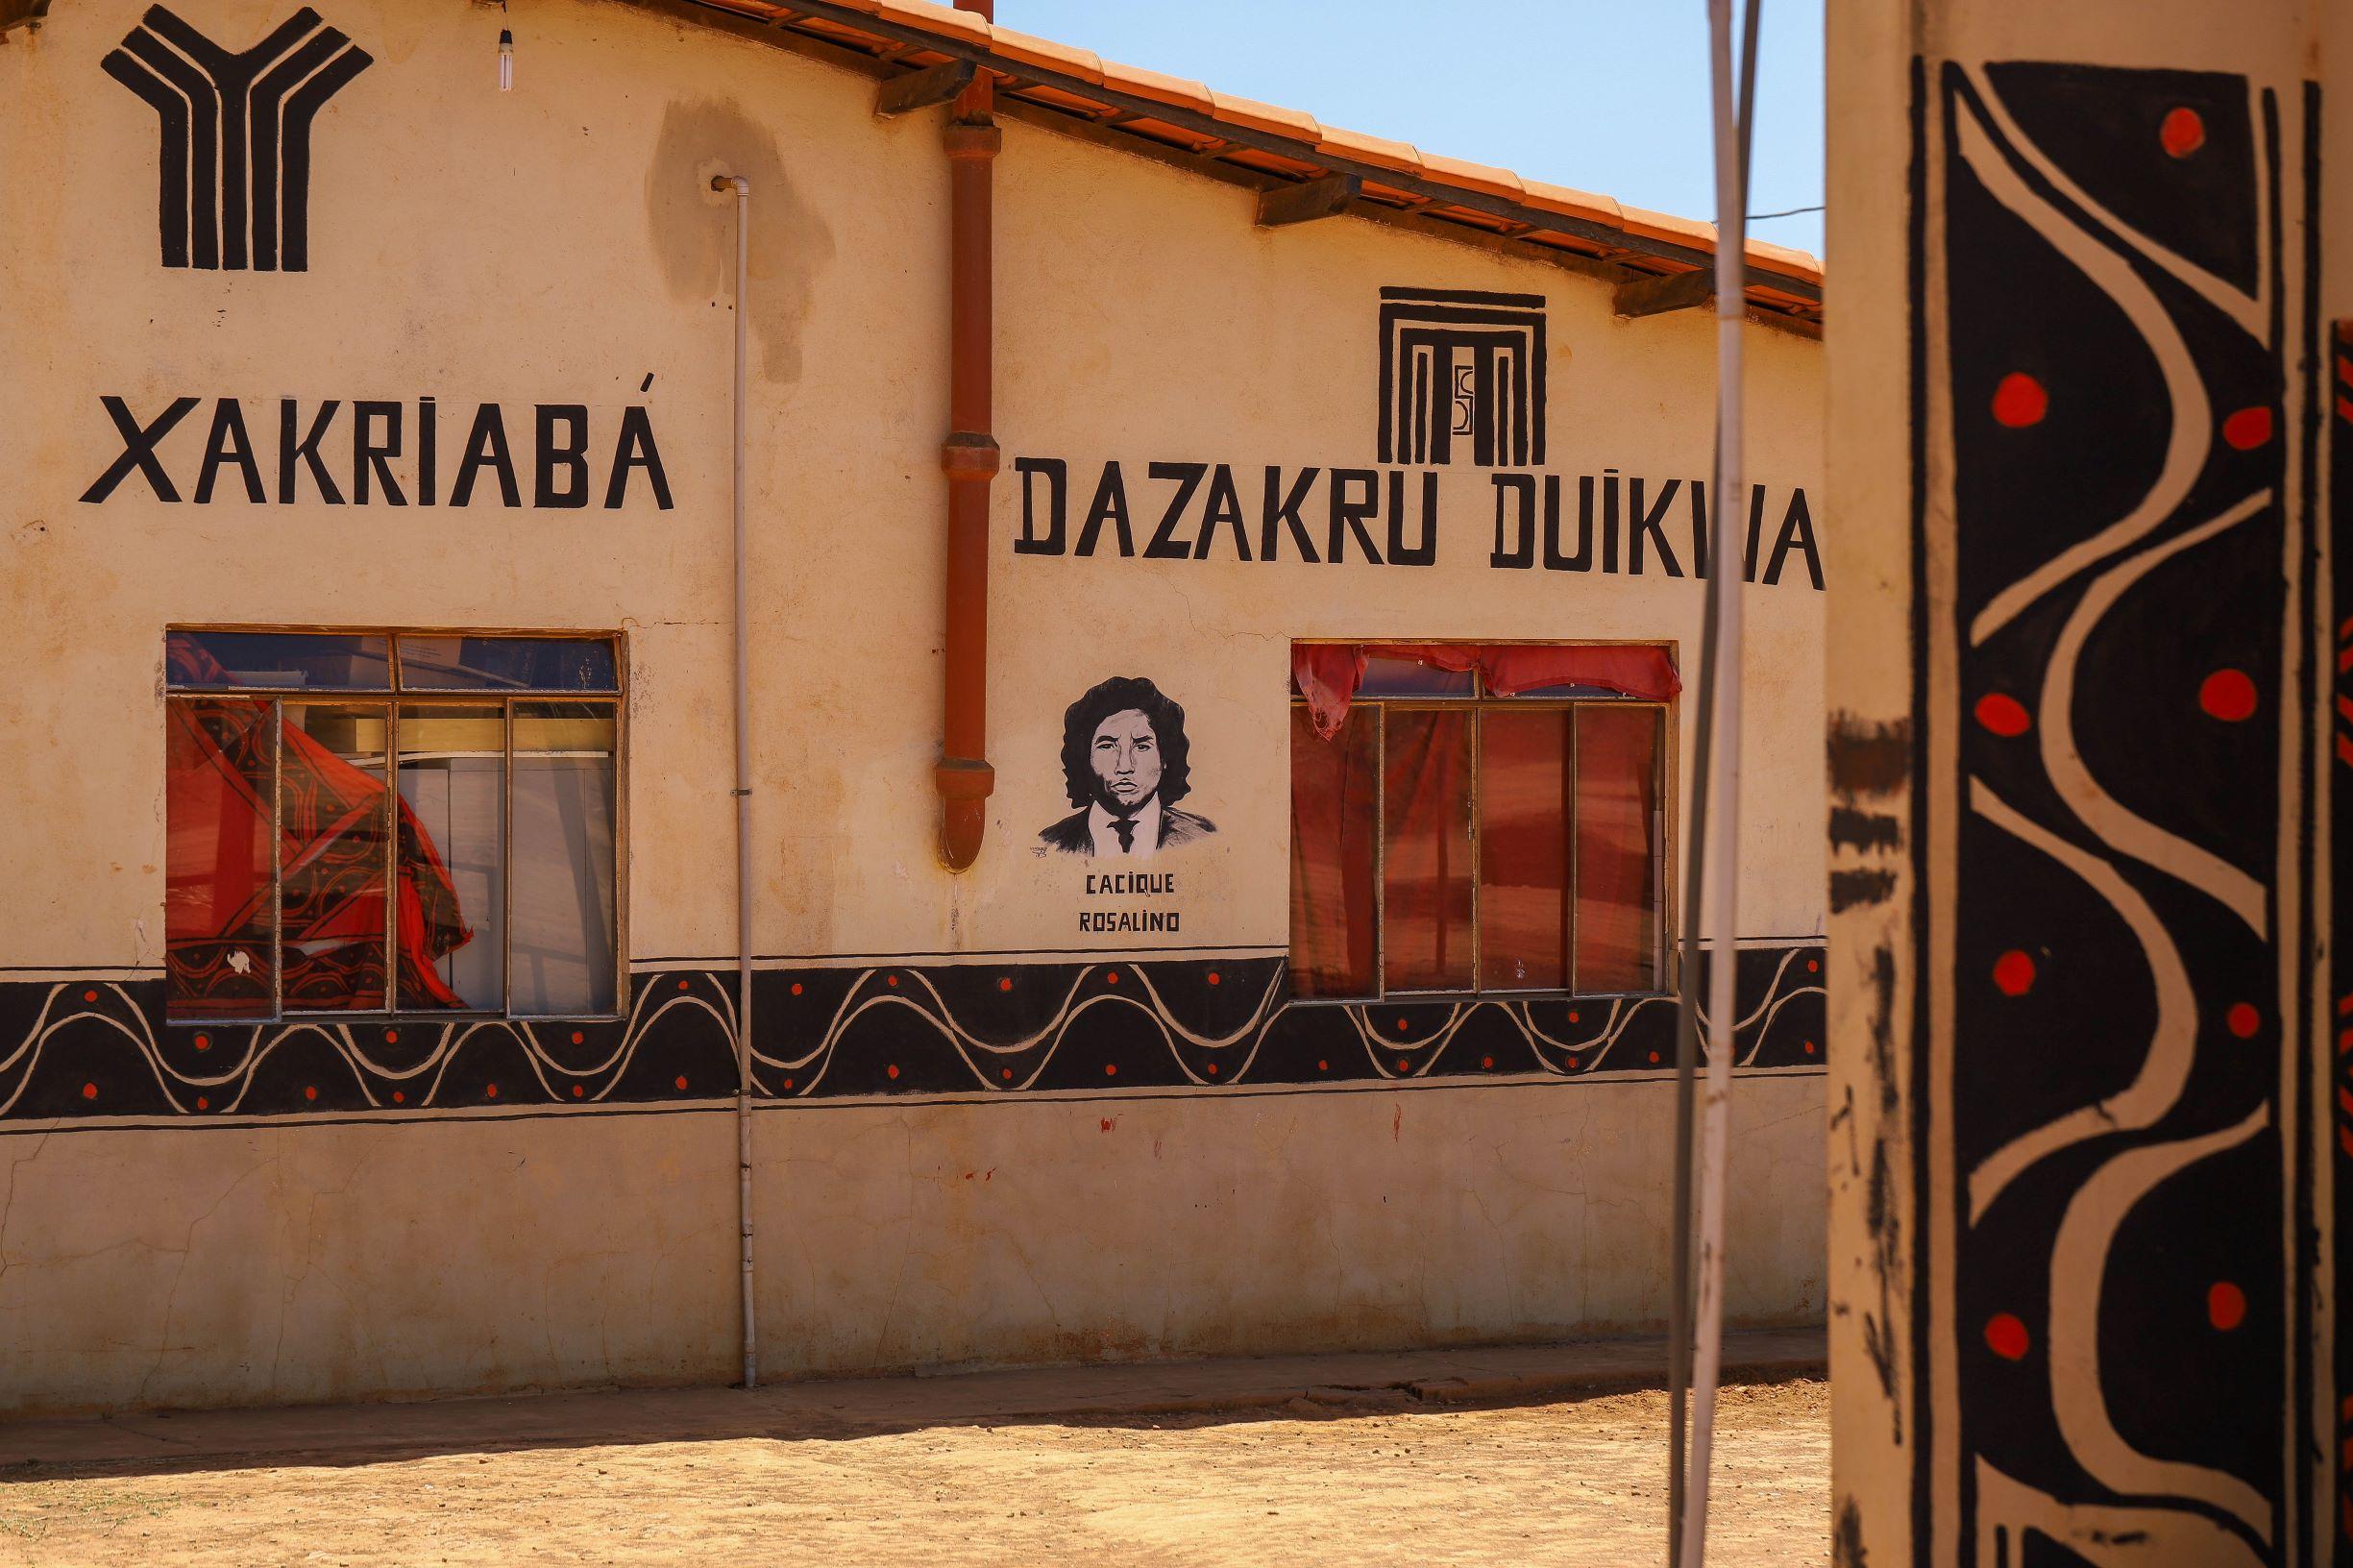 Mártir da luta pela demarcação do território Xakriabá, o cacique Rosalino é homenageado em escolas e entidades (Foto: Flávio Tavares)